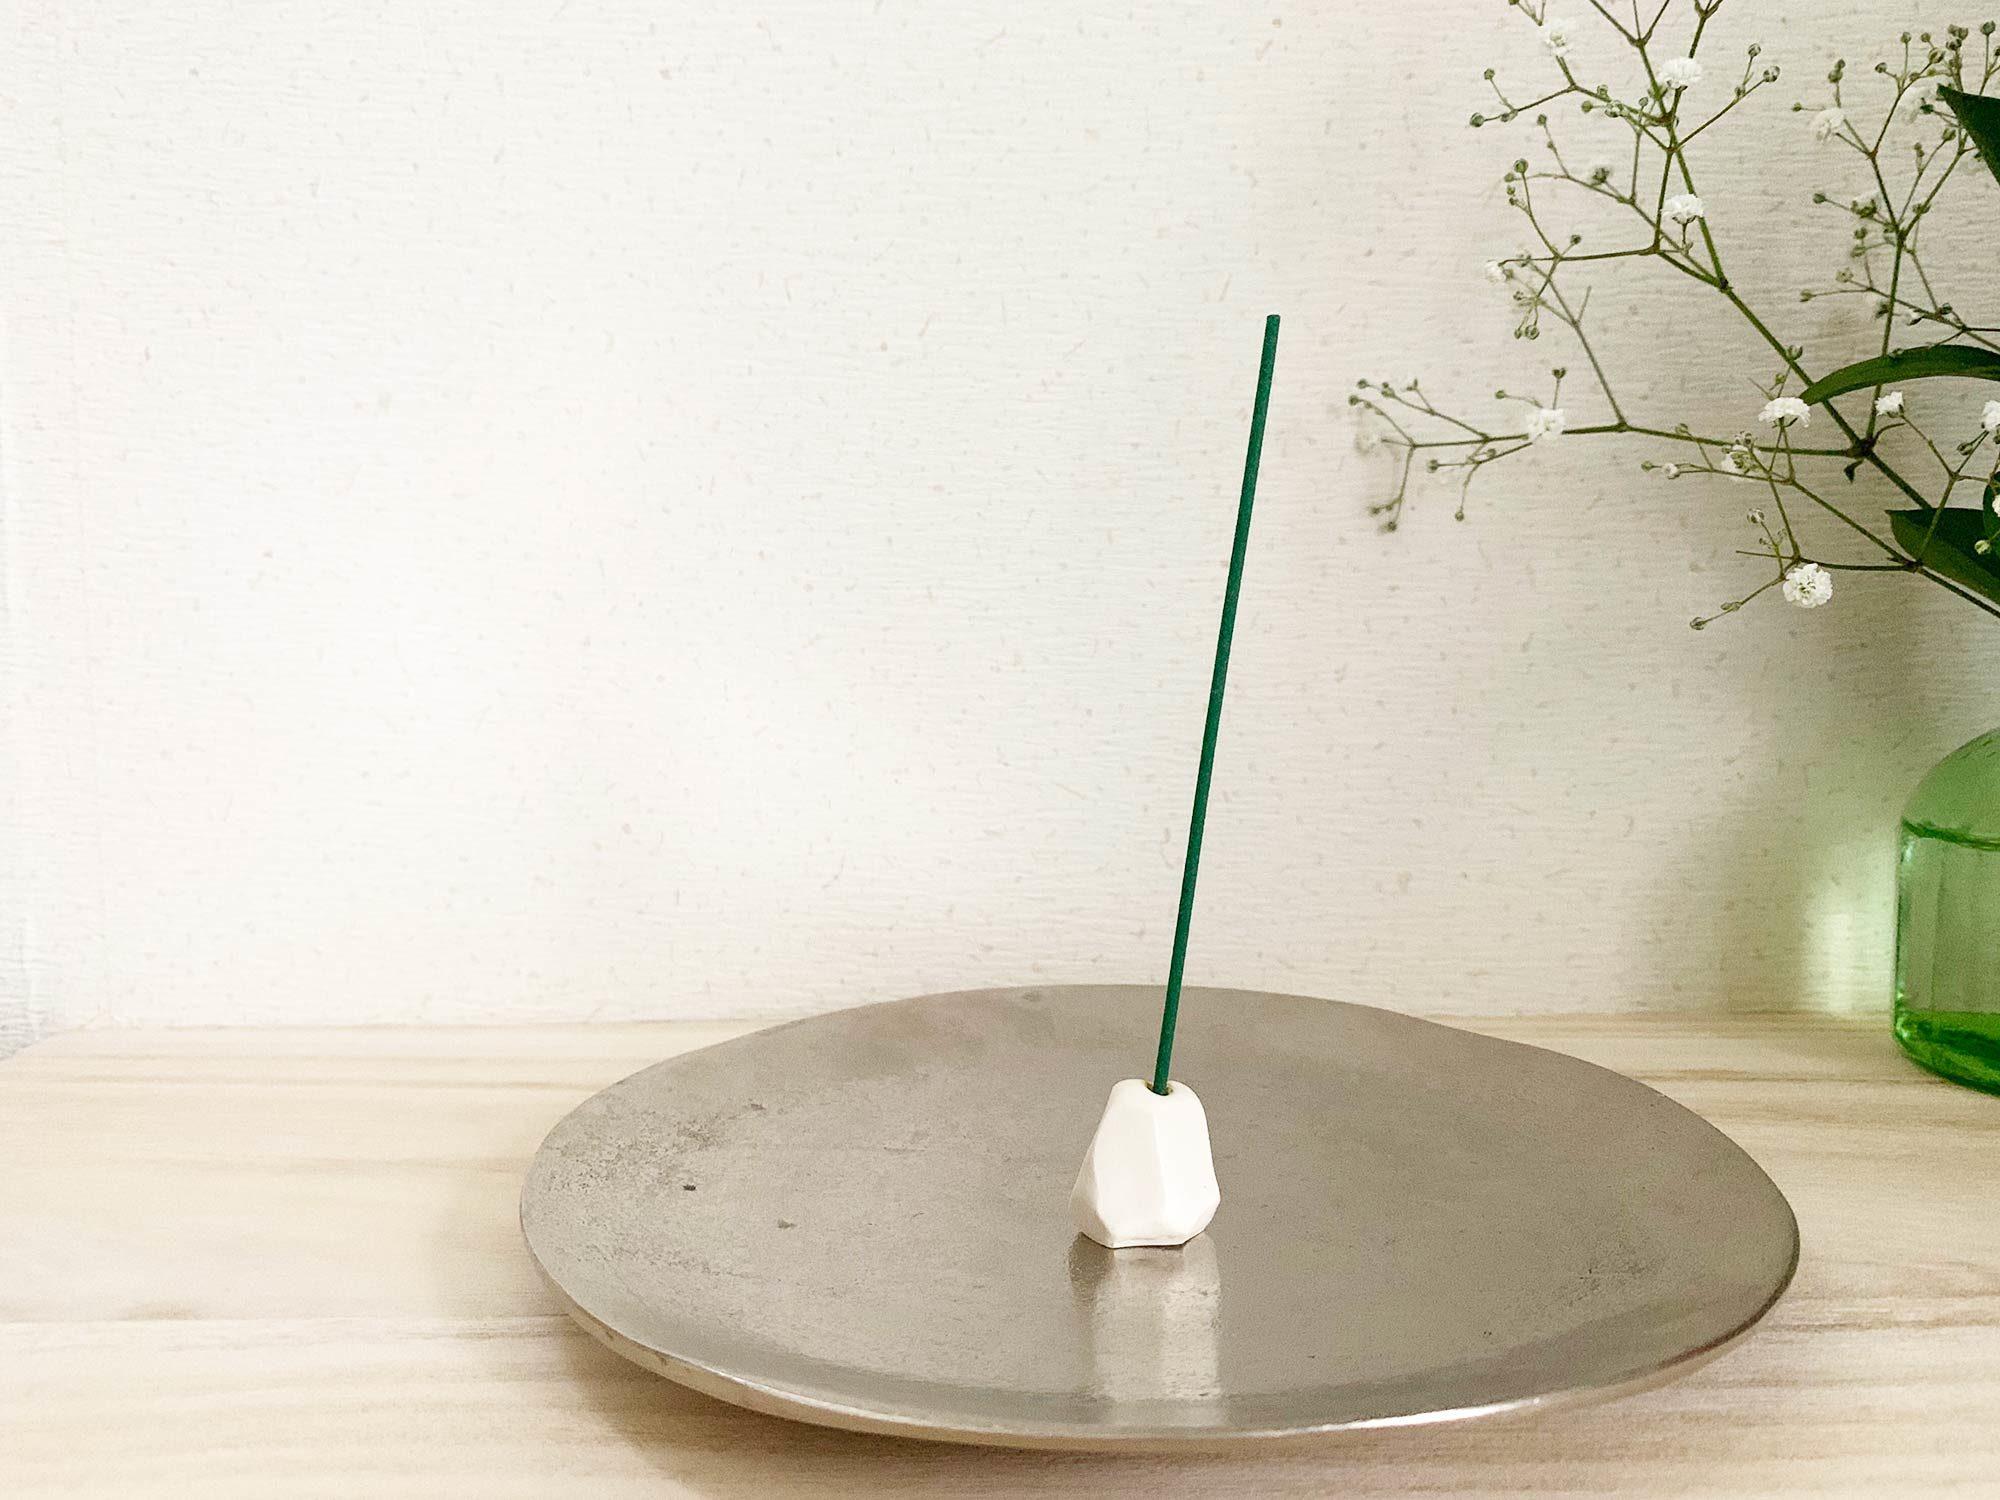 スタンドやトレイにこだわってみるのも良いですね。個人的にはこの銀色の皿と白いスタンドの組み合わせが気に入っています。